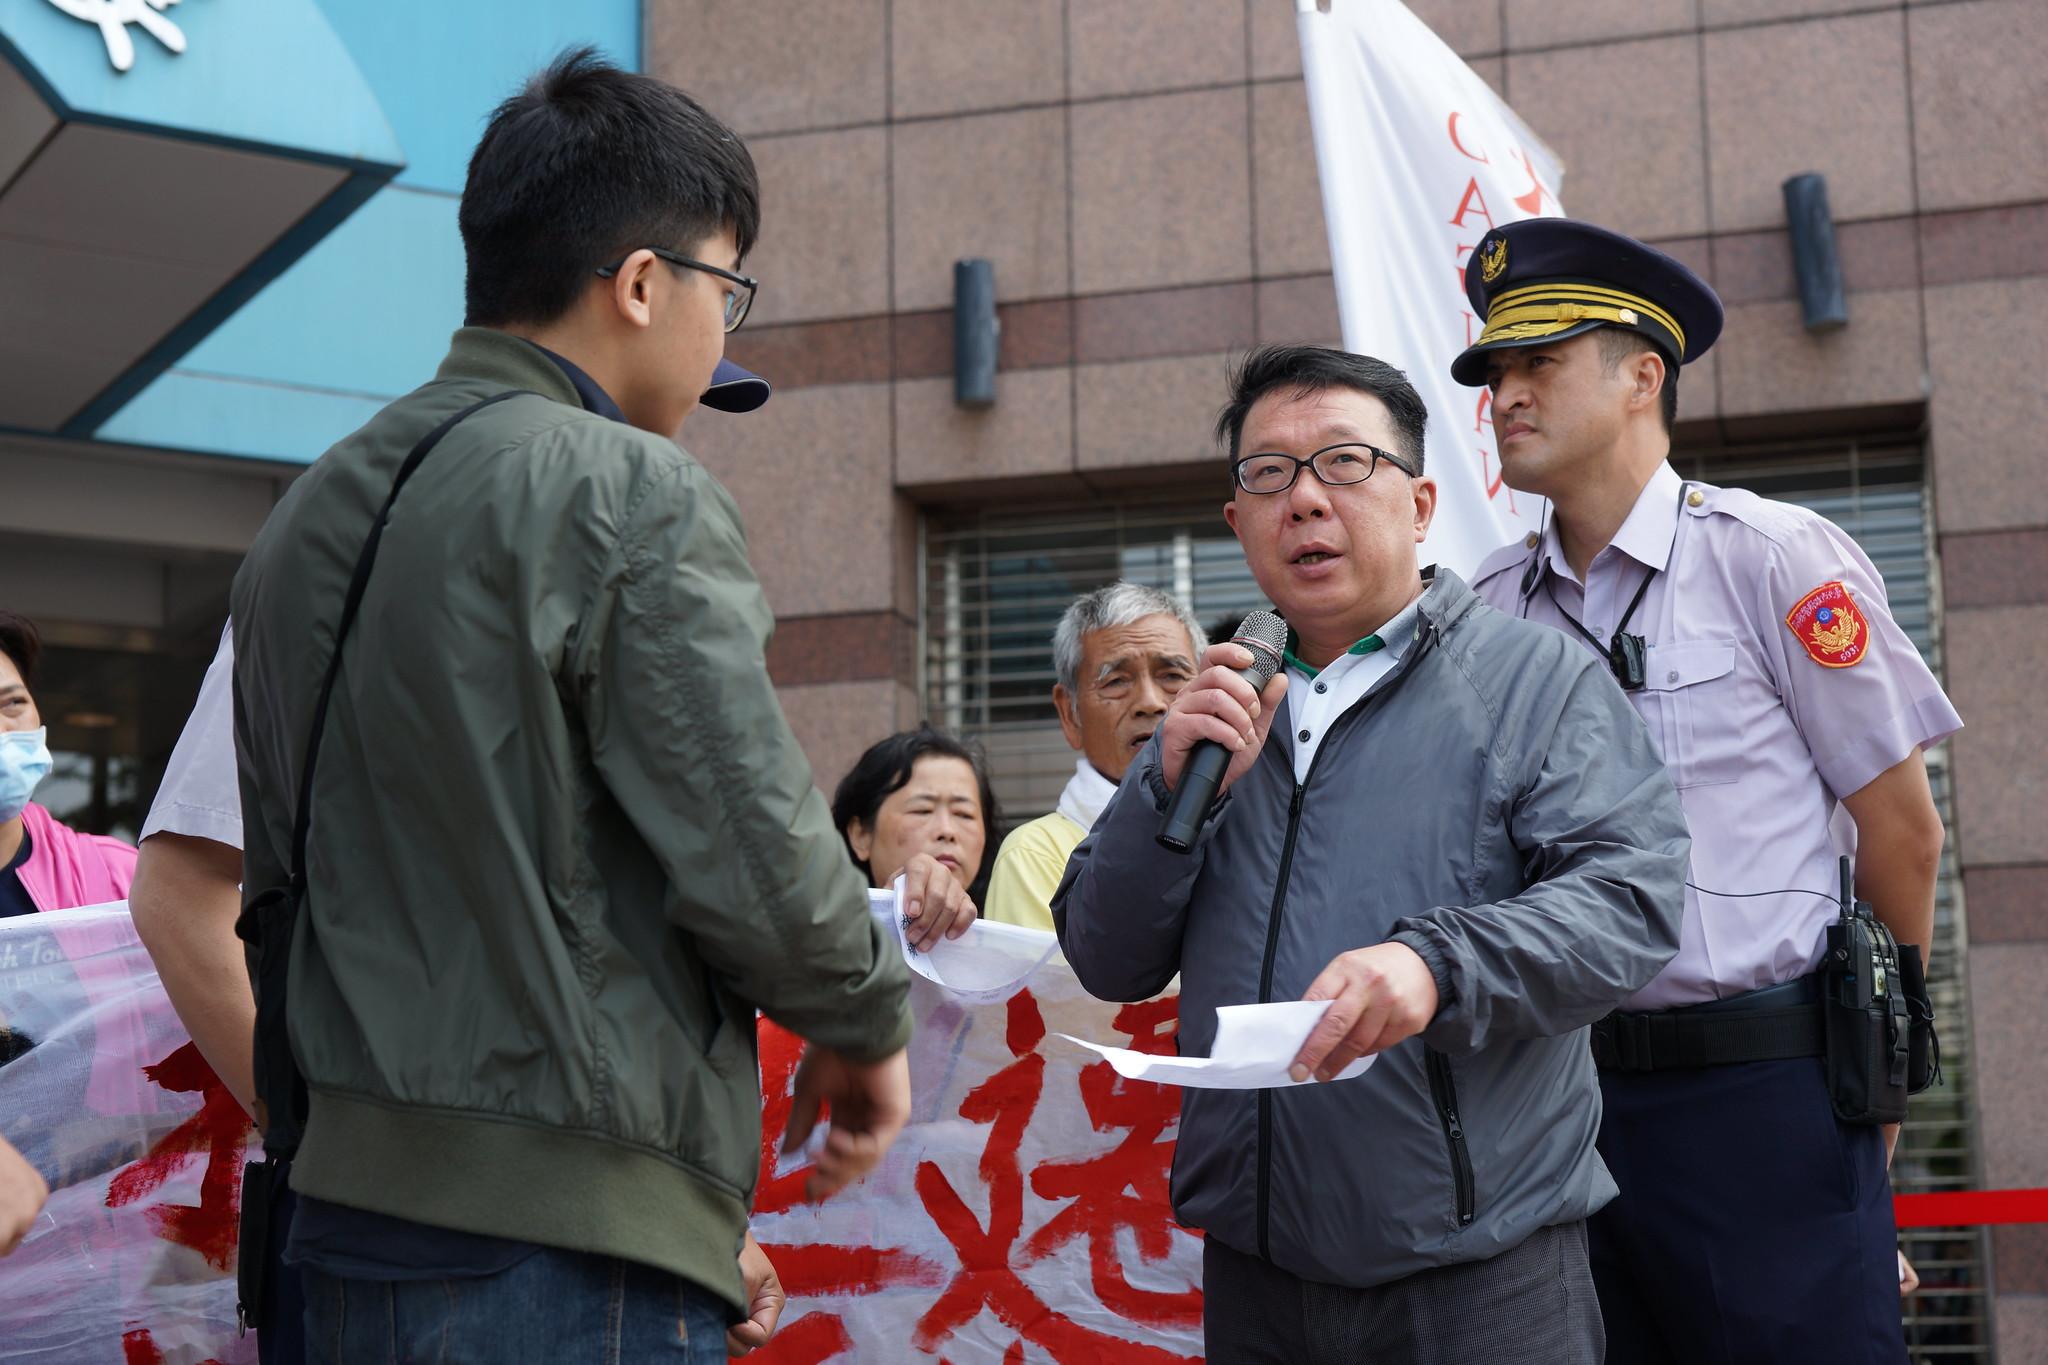 面對追問,民進黨社運部主任李世民只說「謝謝」,沒有正面答覆民進黨的態度。(攝影:王顥中)